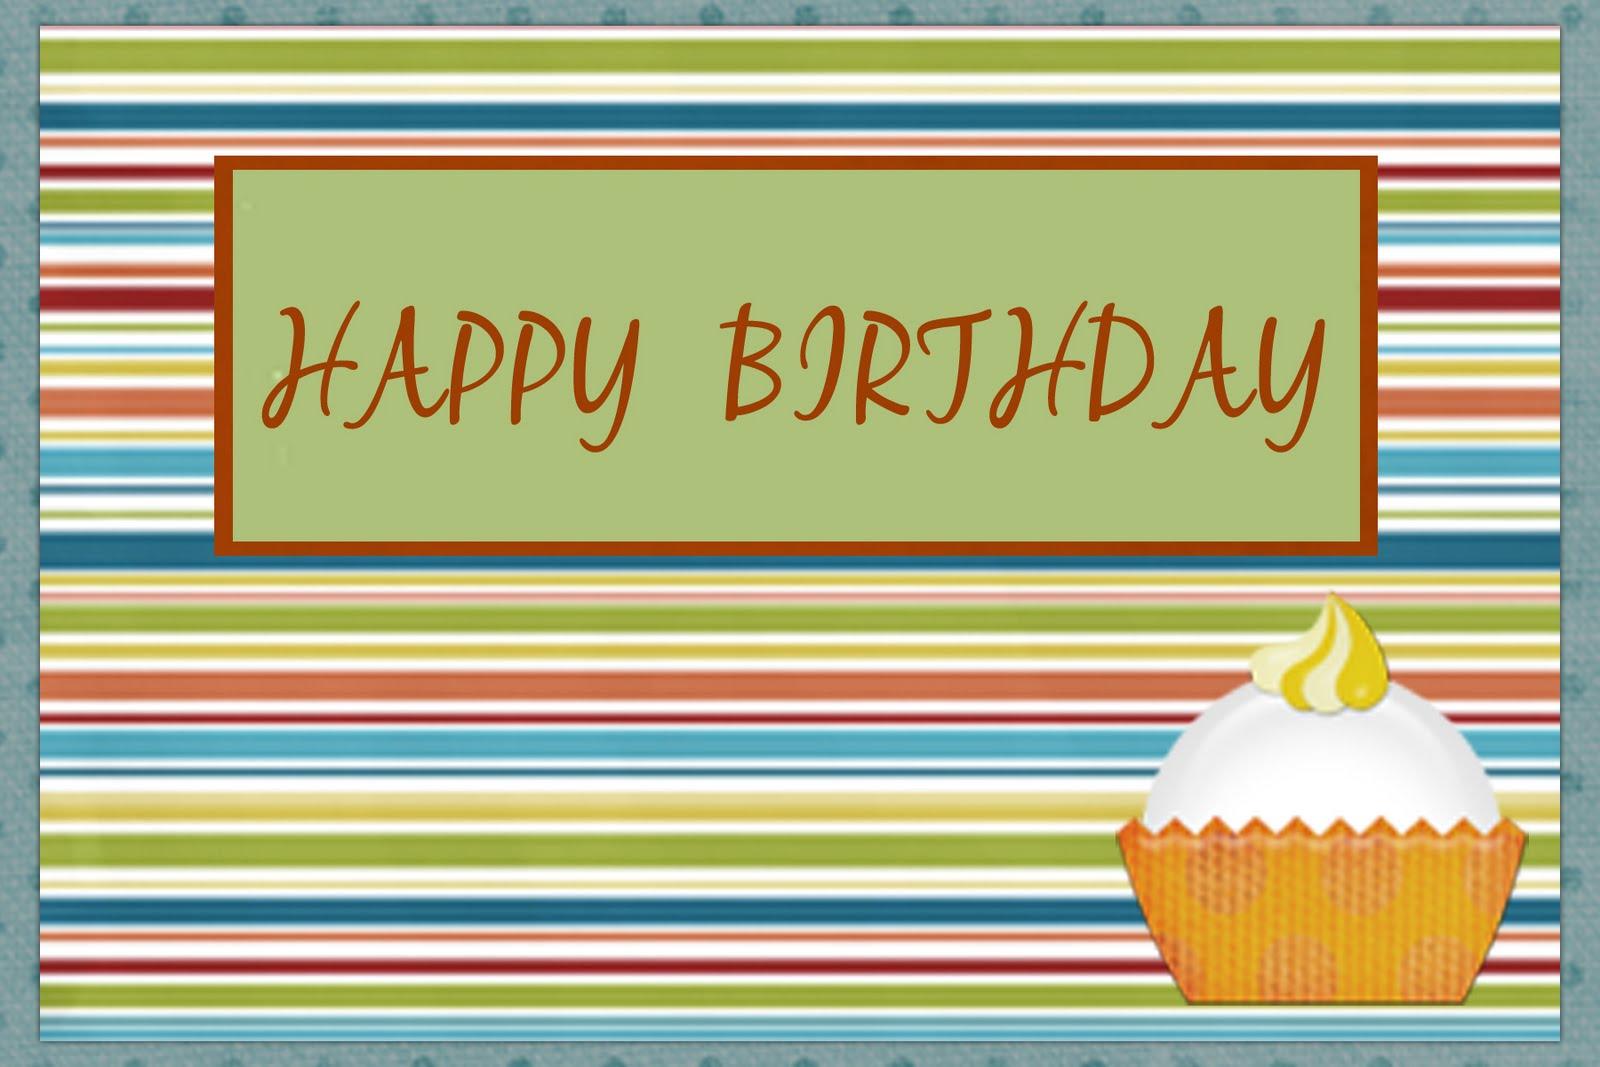 Manly Happy Birthday Wishes Jpg 1600x1067